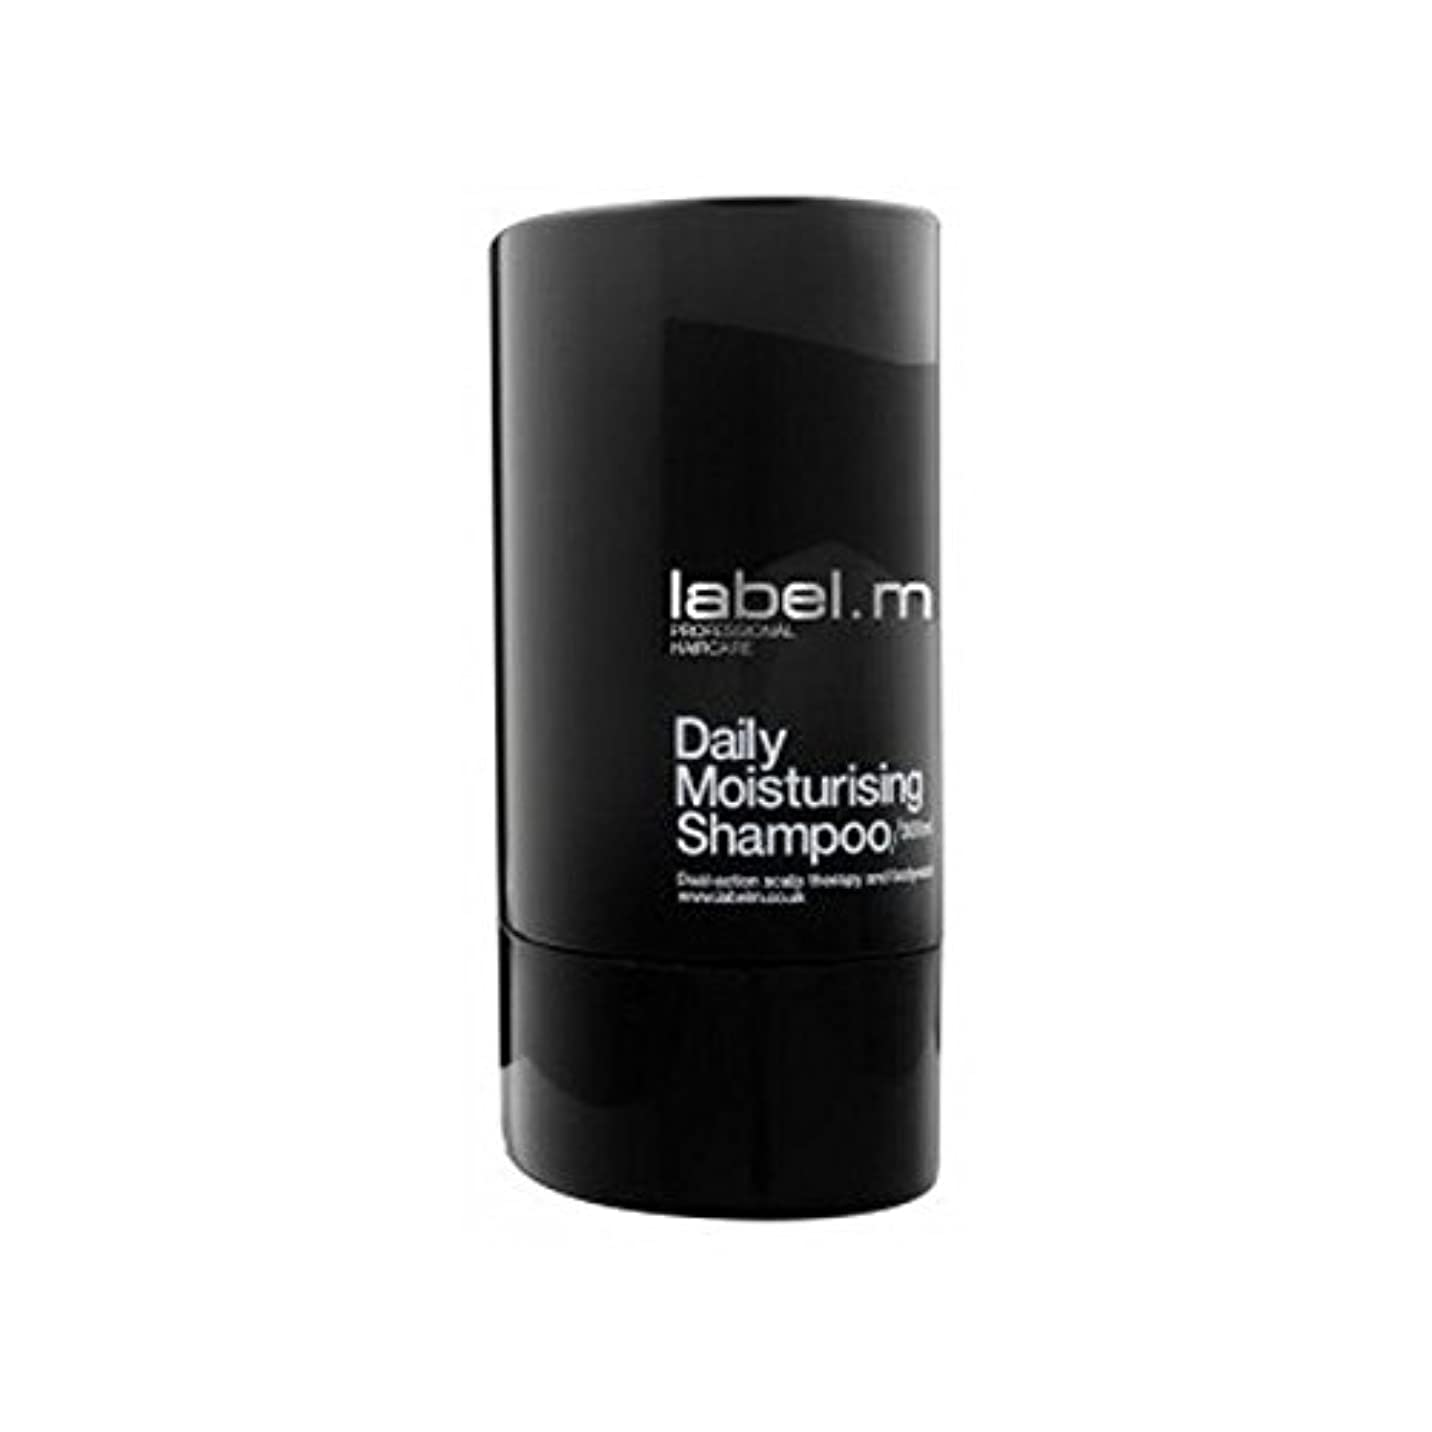 反射ではごきげんようギャンブル.毎日保湿シャンプー(300ミリリットル) x4 - Label.Men Daily Moisturising Shampoo (300ml) (Pack of 4) [並行輸入品]